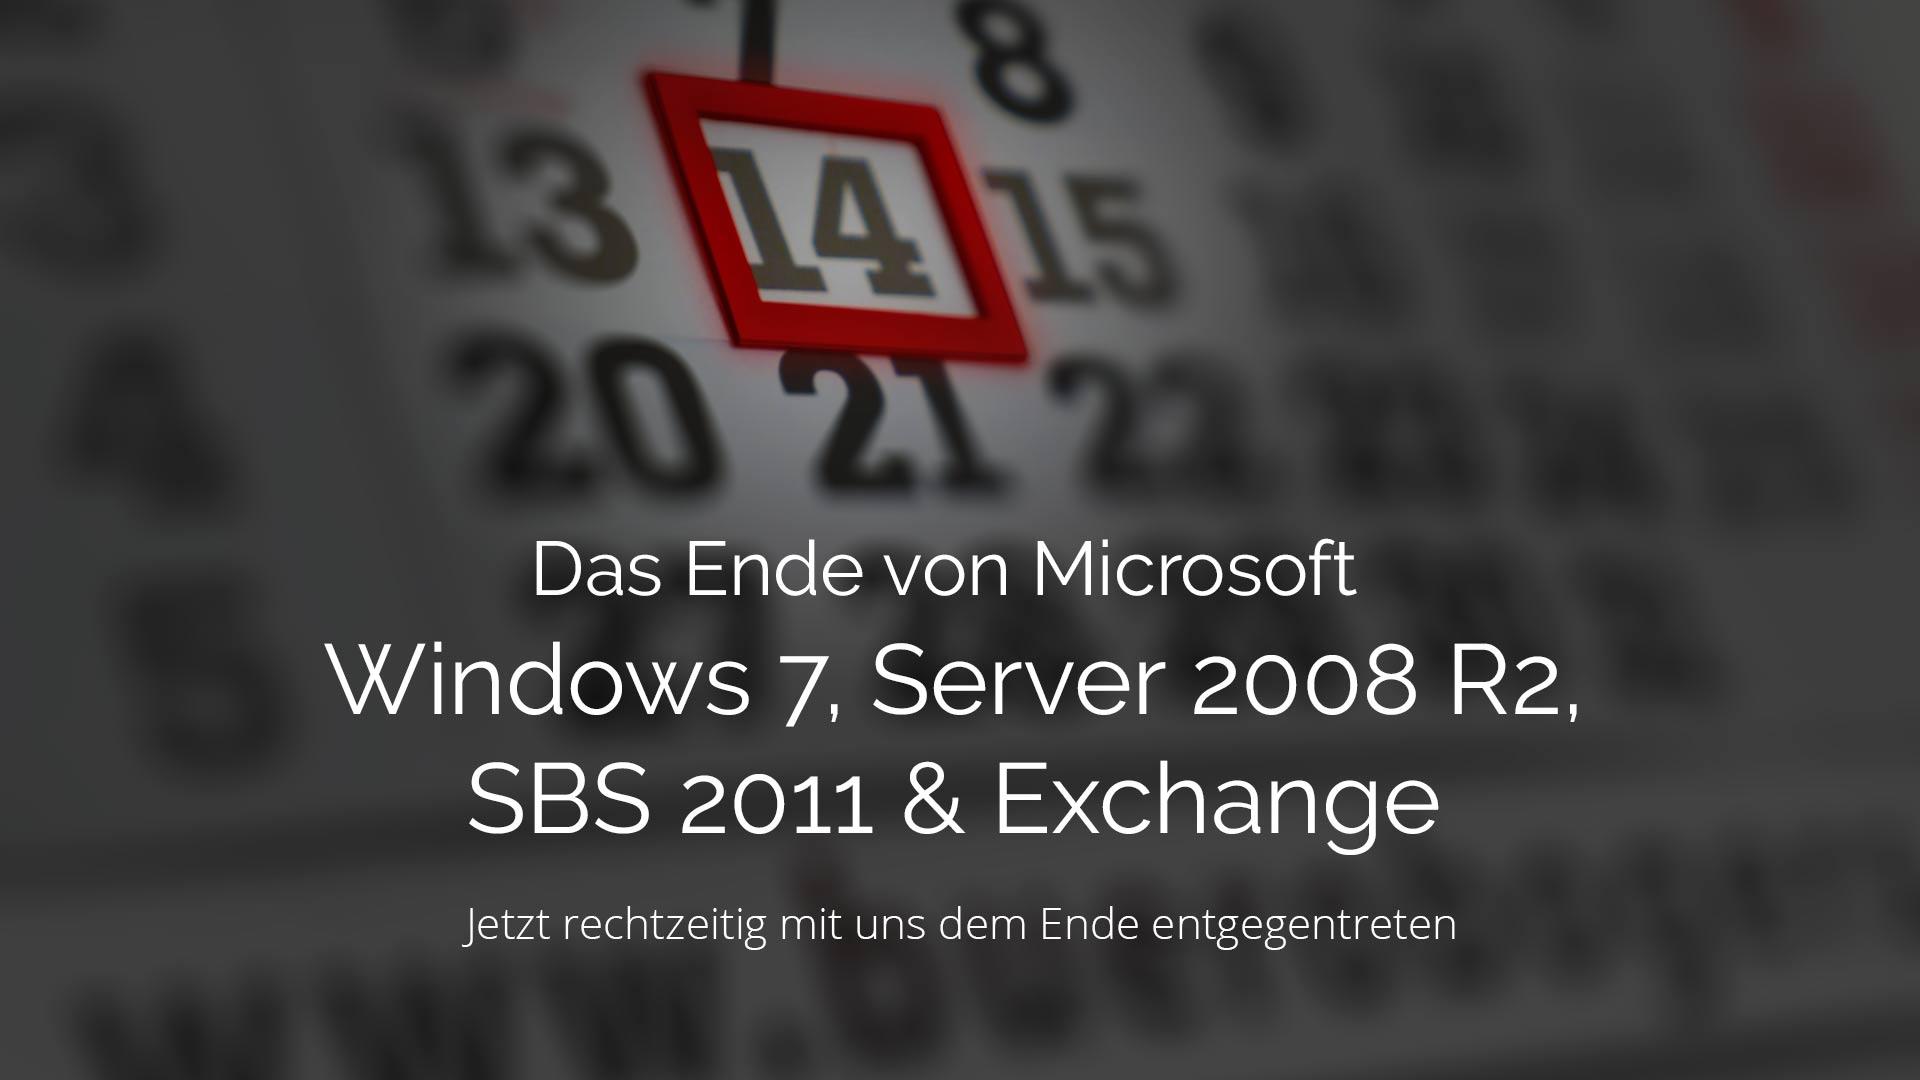 Das Ende von Microsoft Produkten